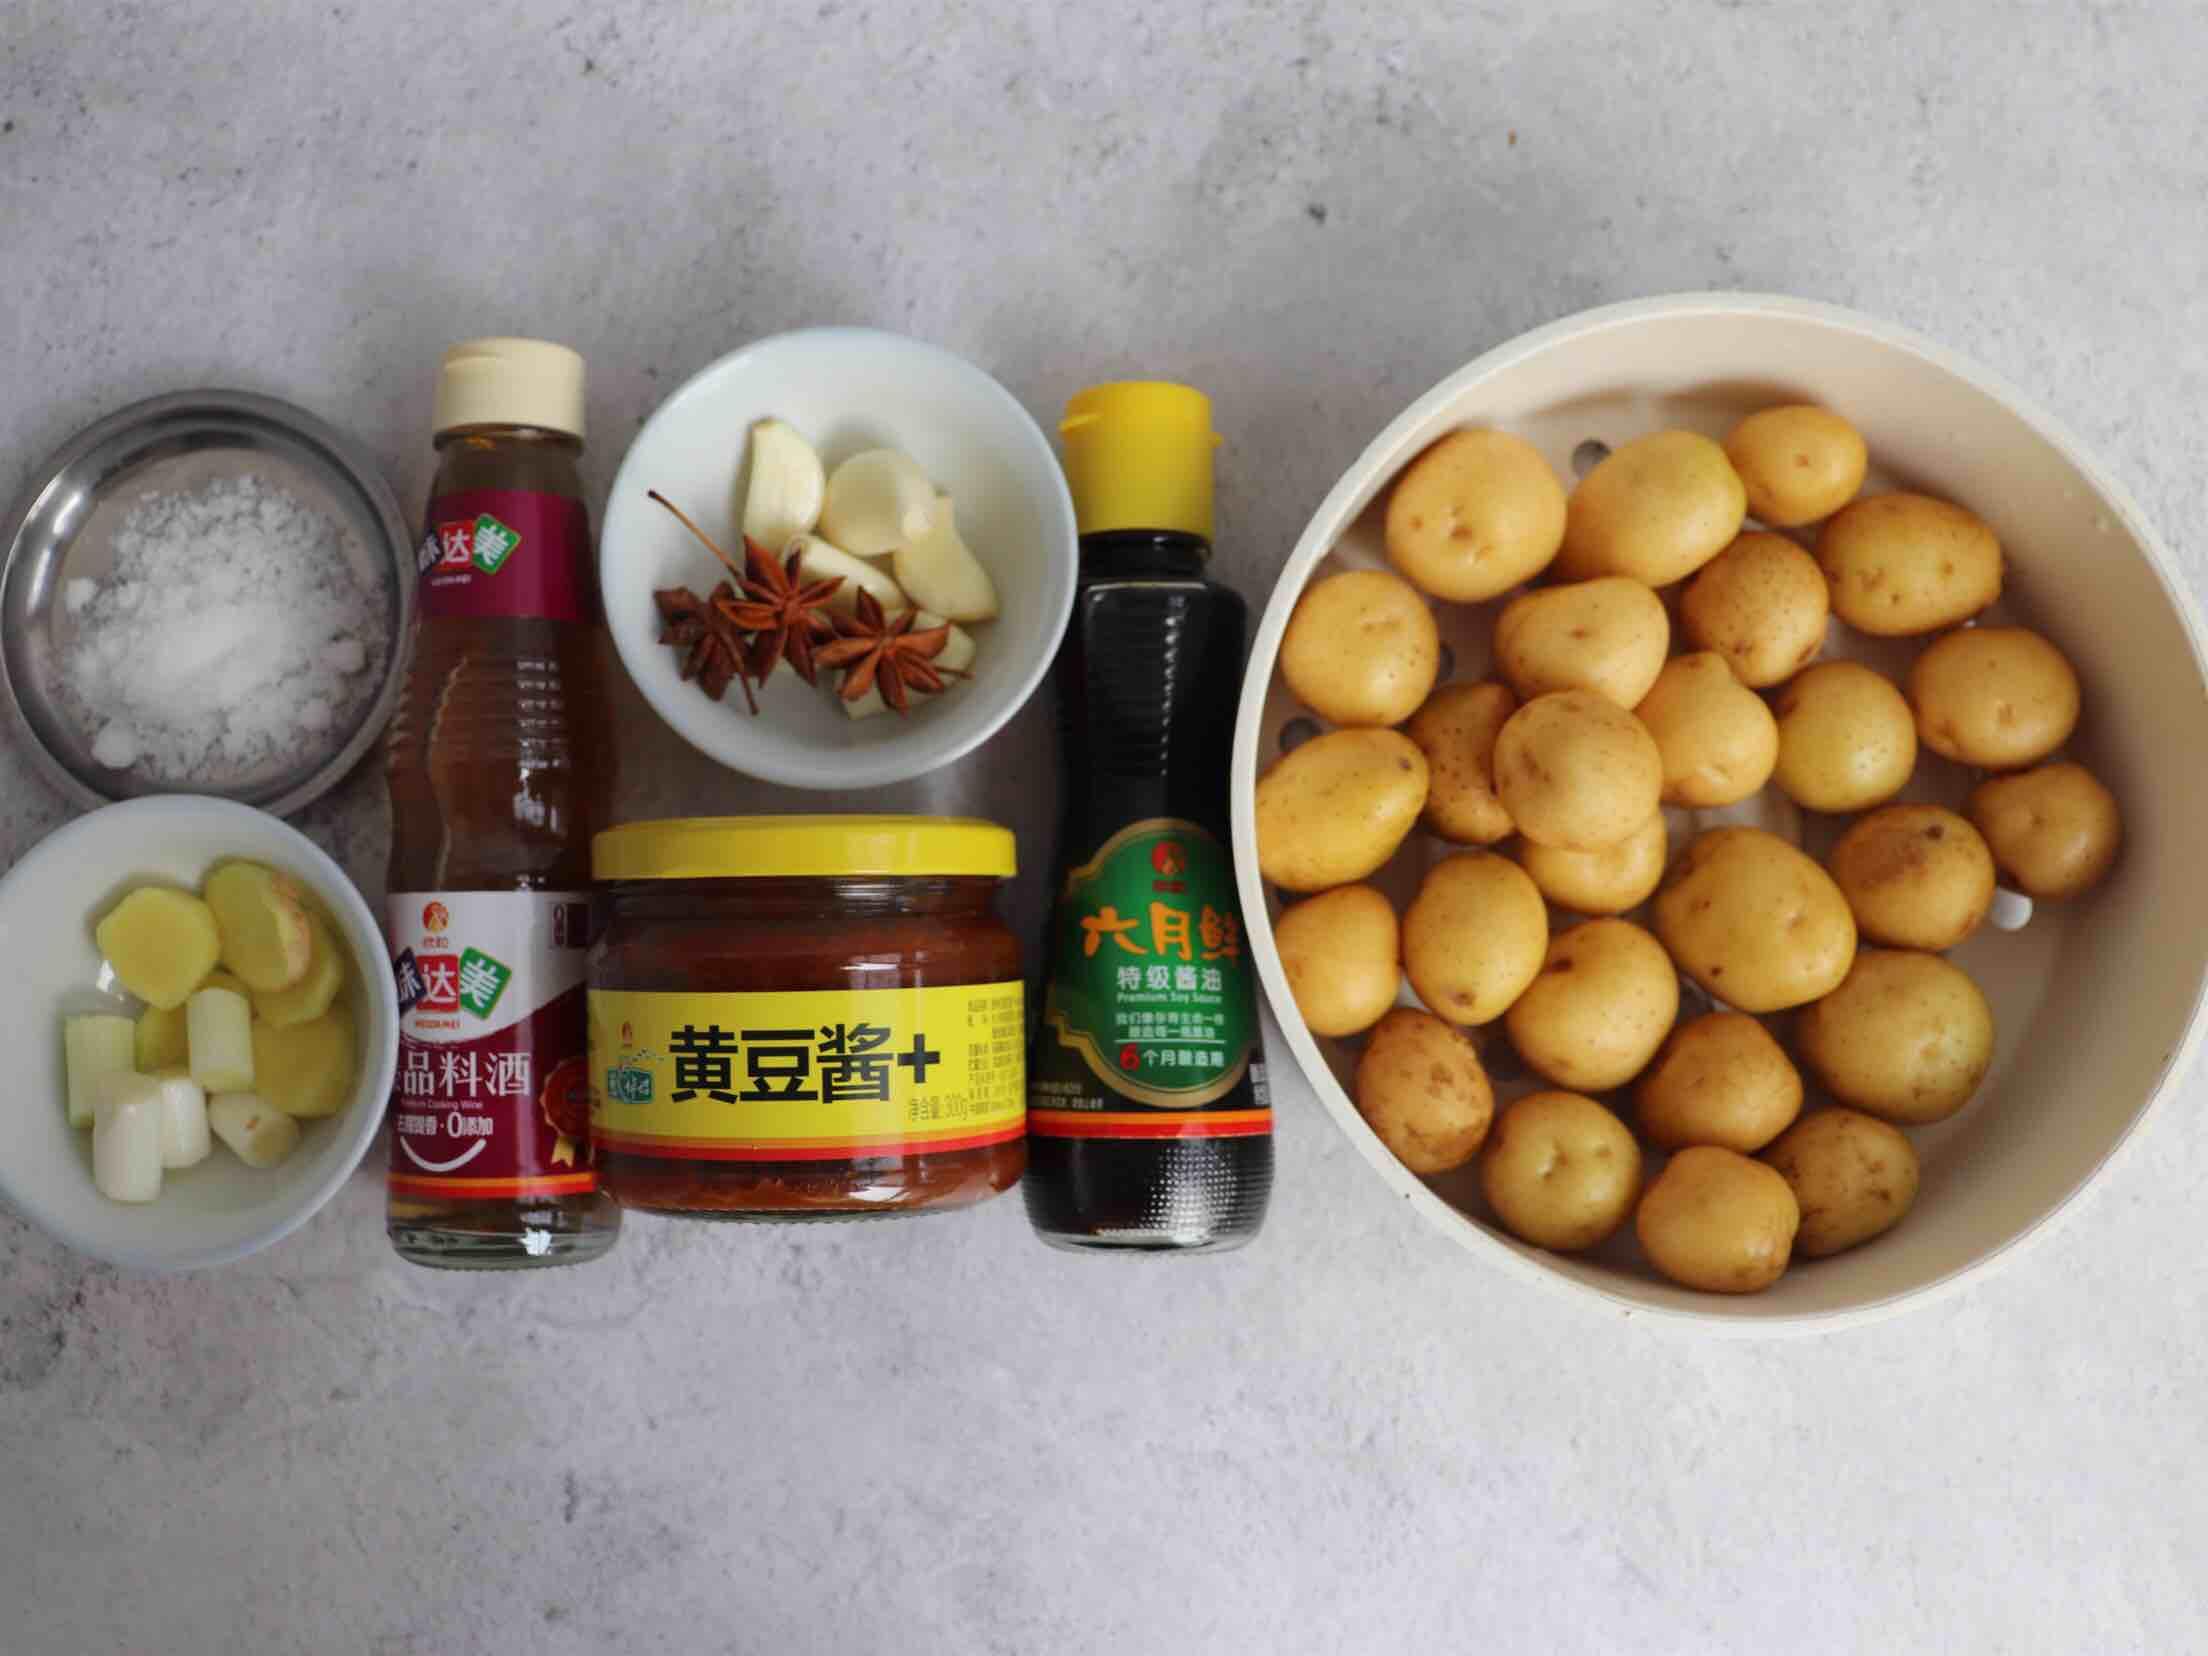 酱焖小土豆的做法大全